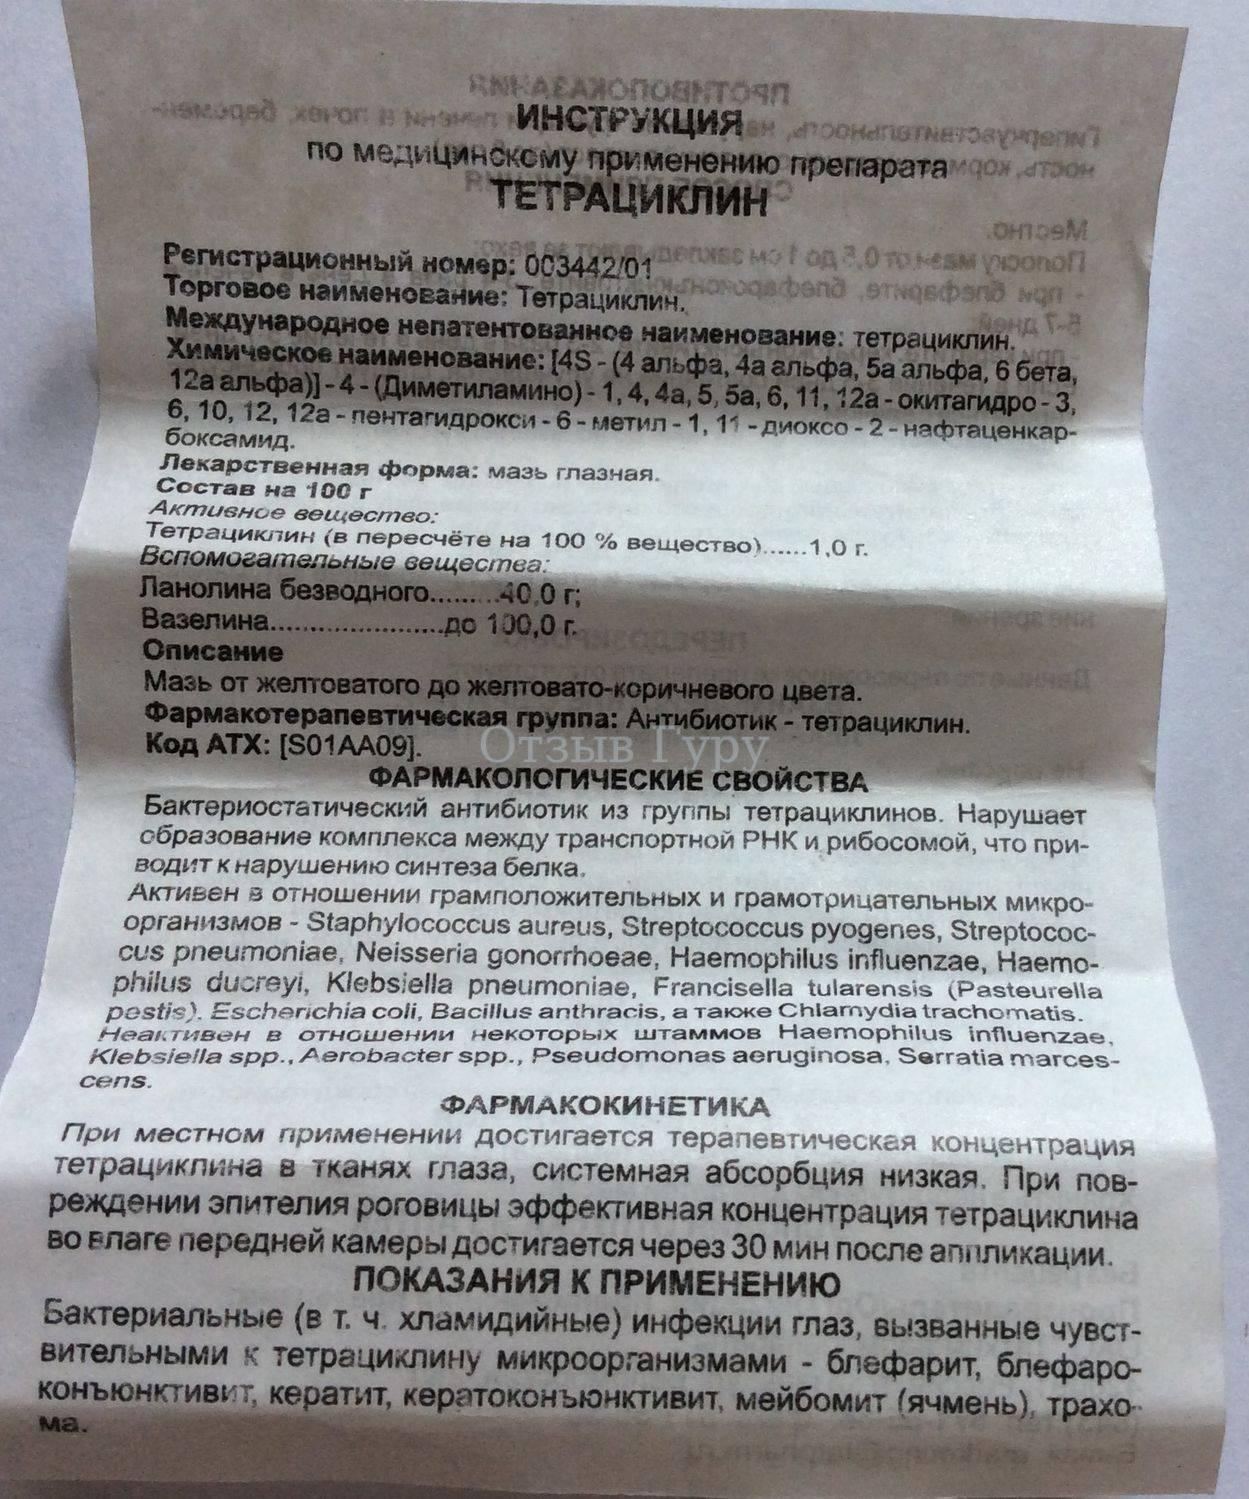 Тетрациклиновая глазная мазь для детей: инструкция по применению oculistic.ru тетрациклиновая глазная мазь для детей: инструкция по применению